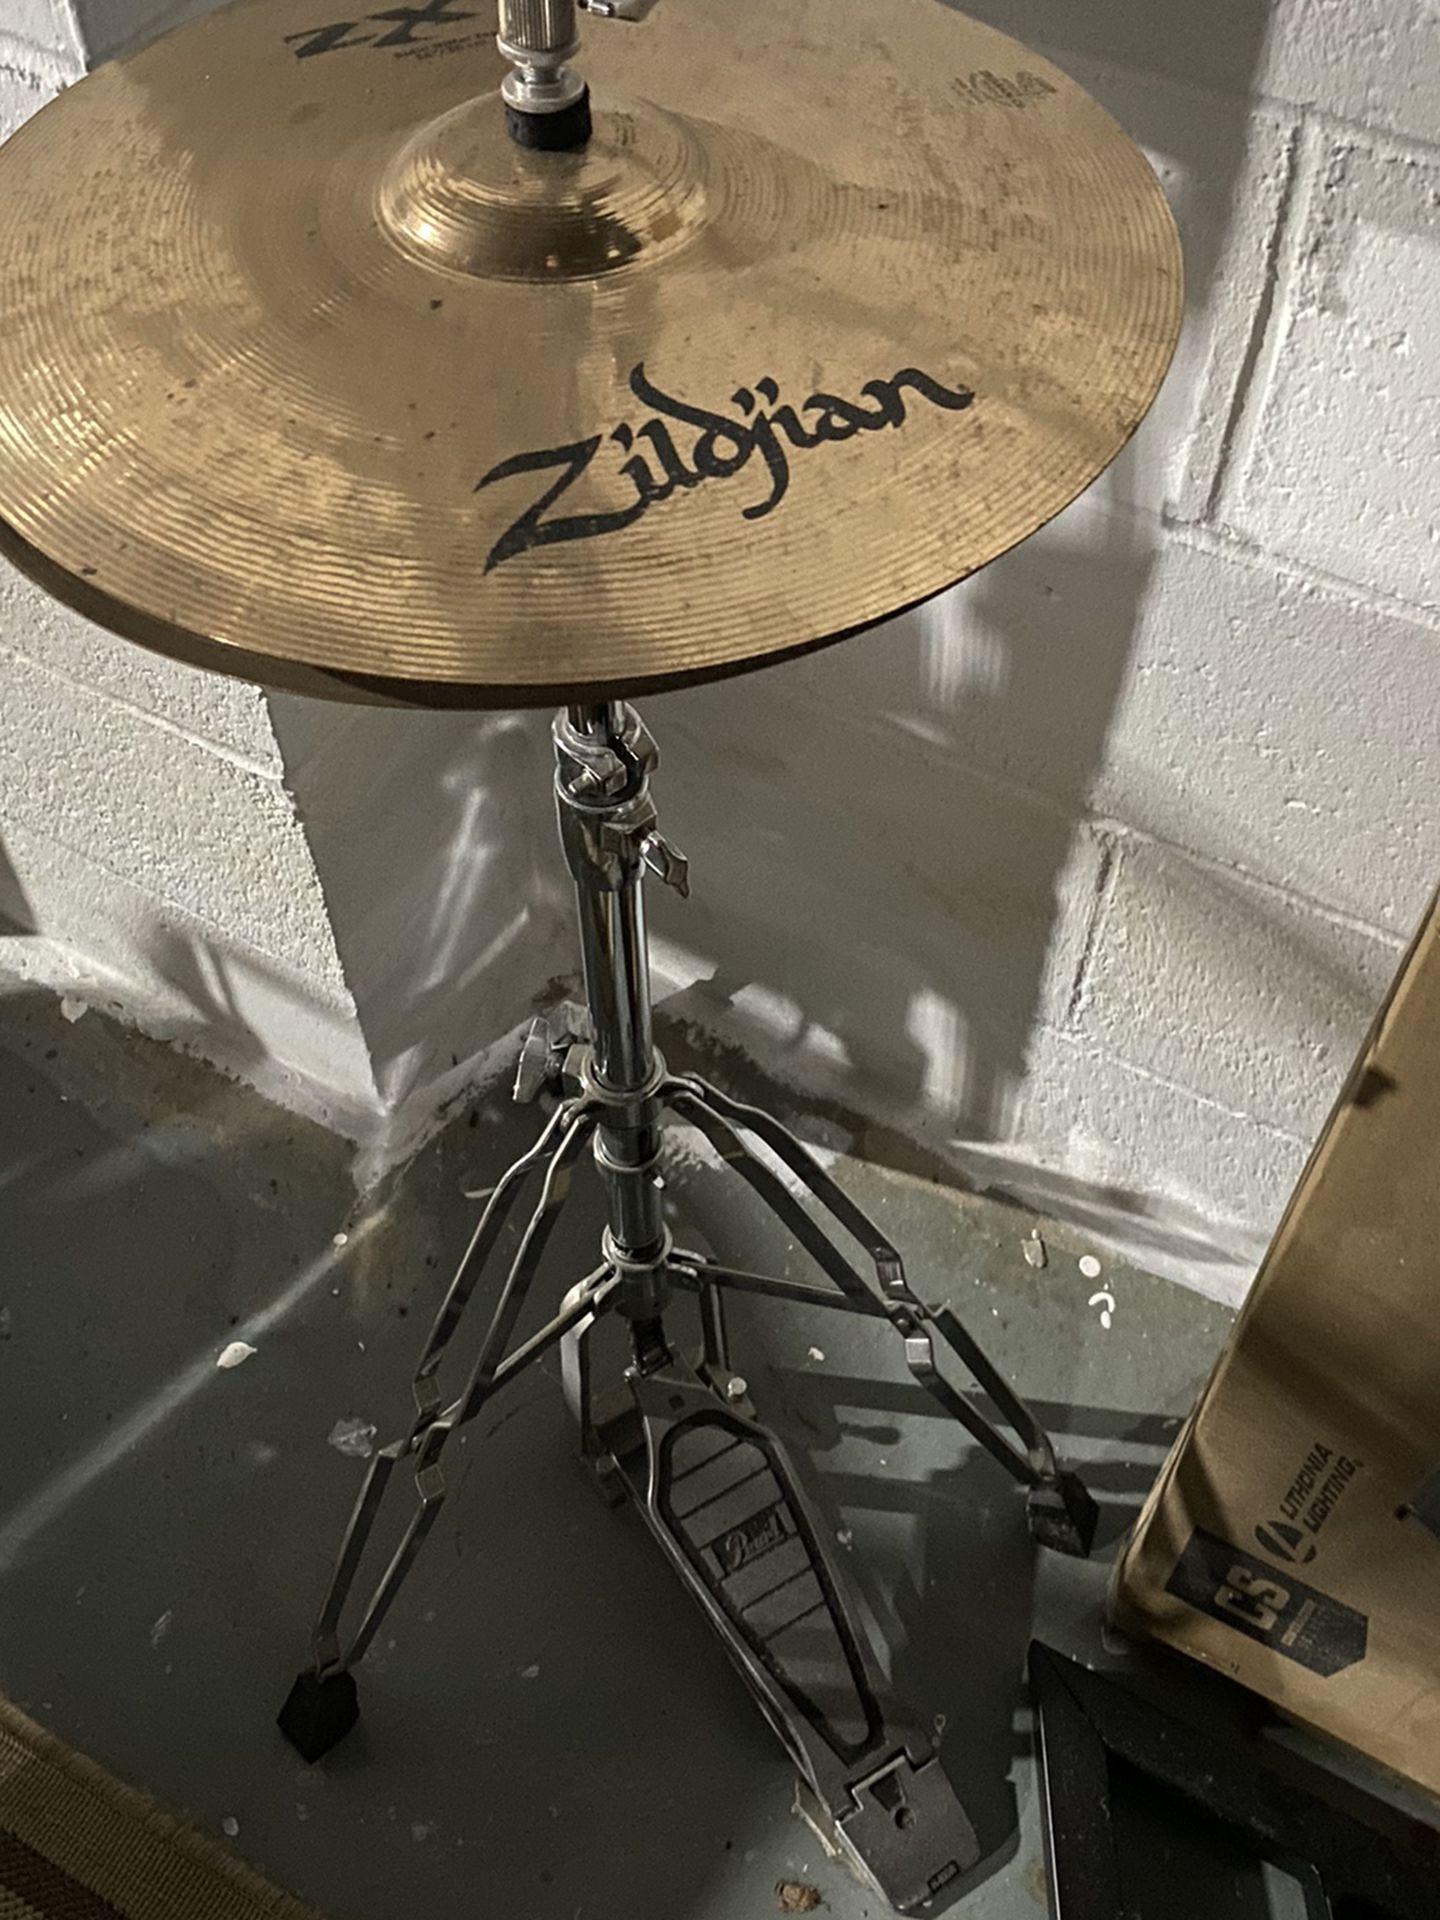 Zildjian HiHats